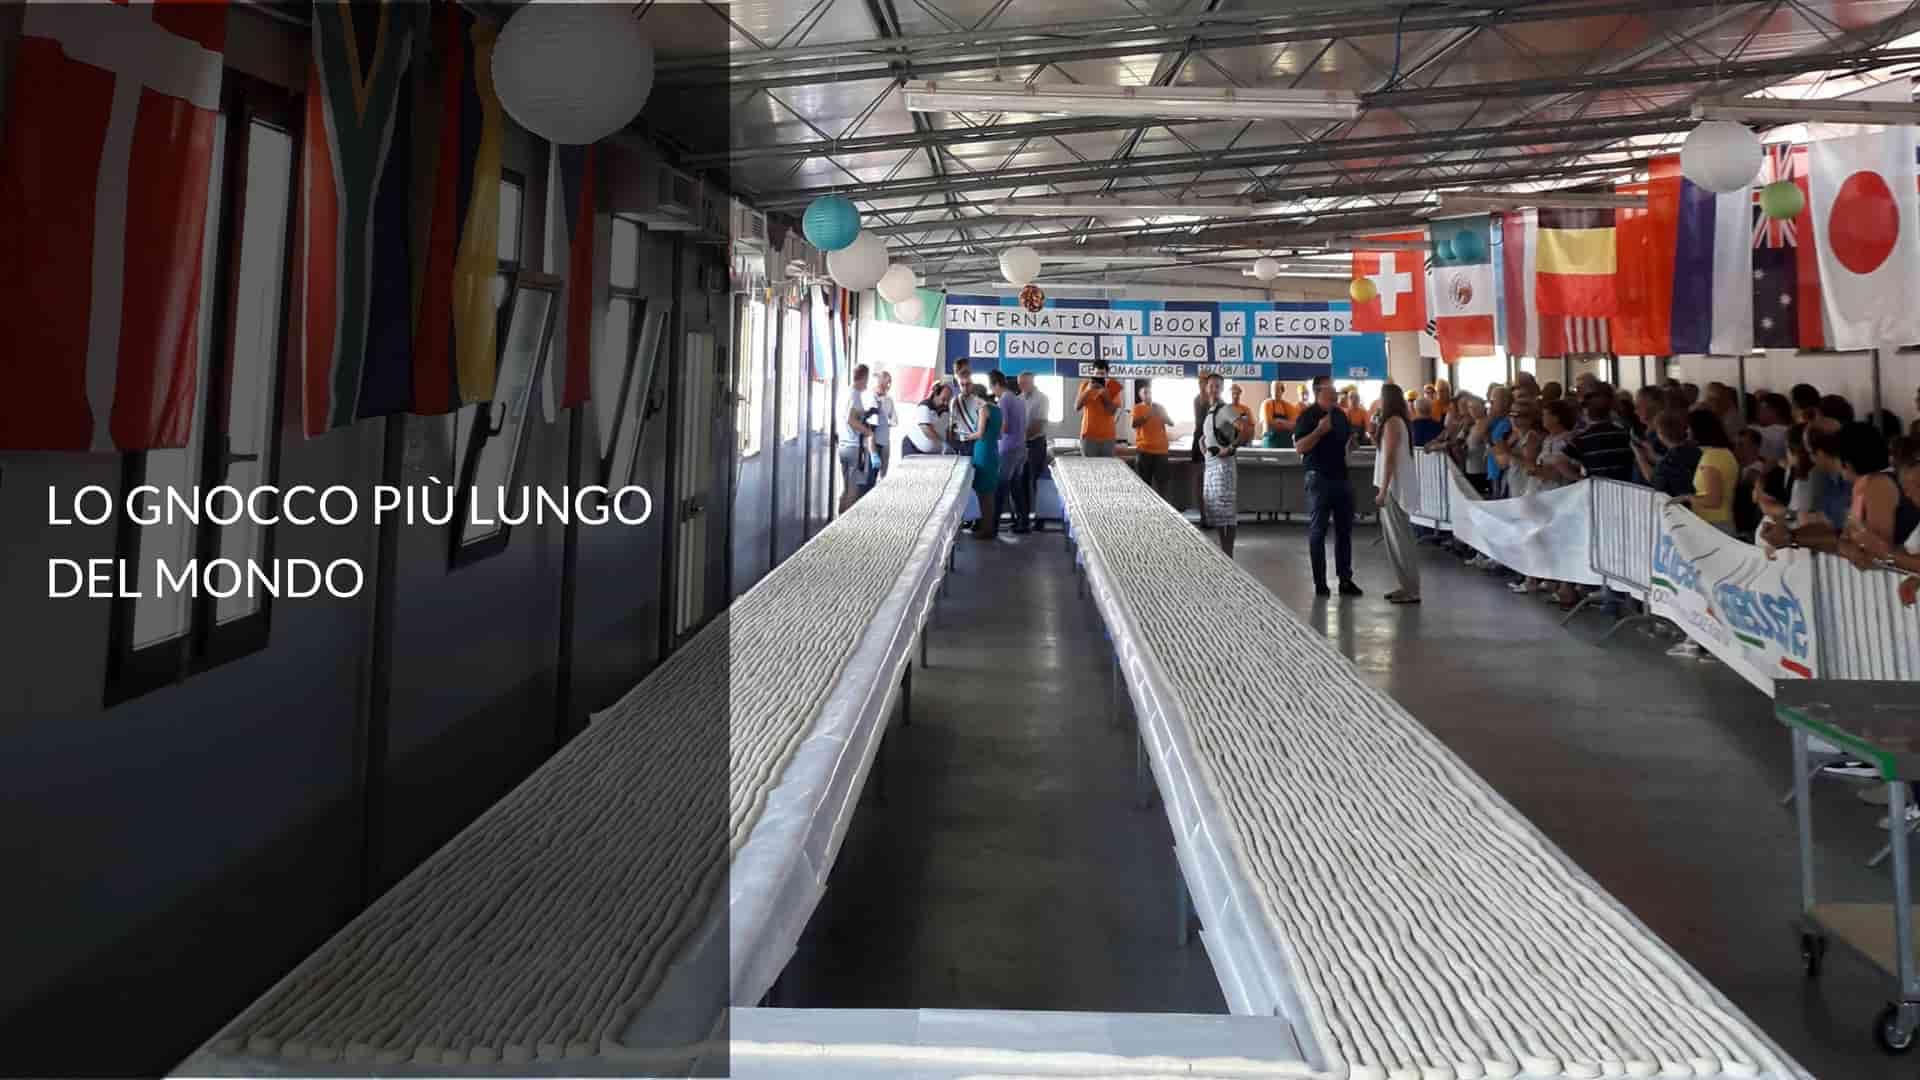 Record dello gnocco più lungo del mondo